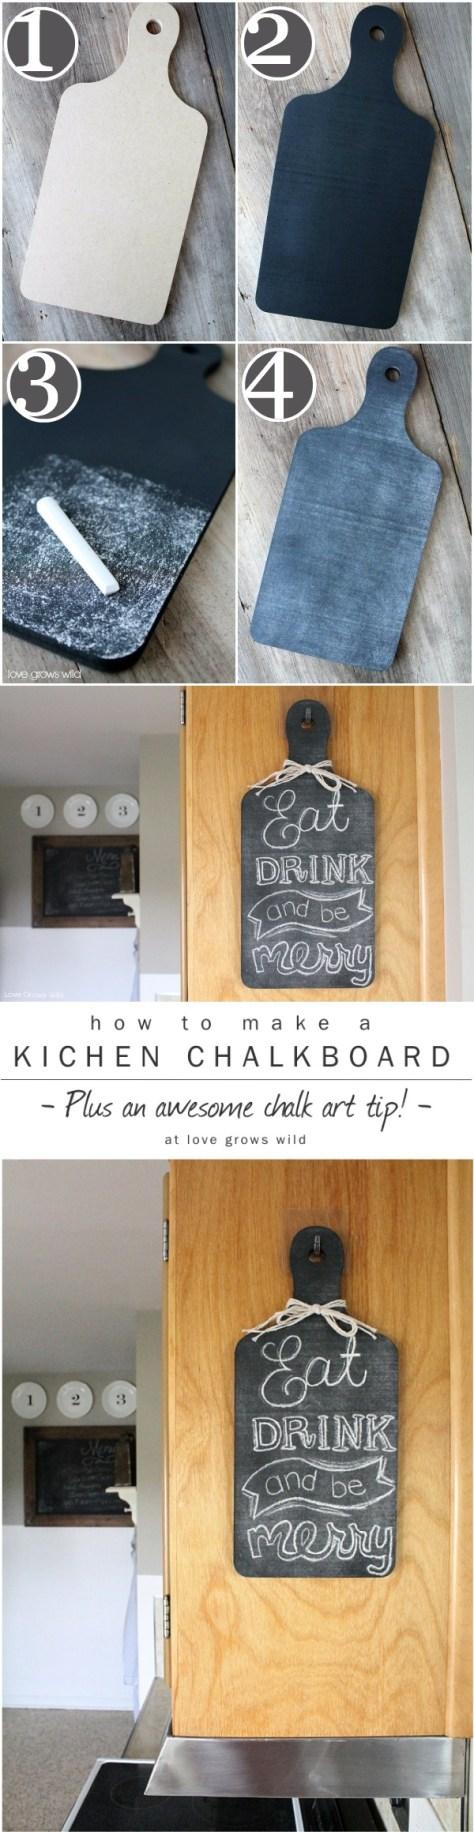 DIY Kitchen Chalkboard